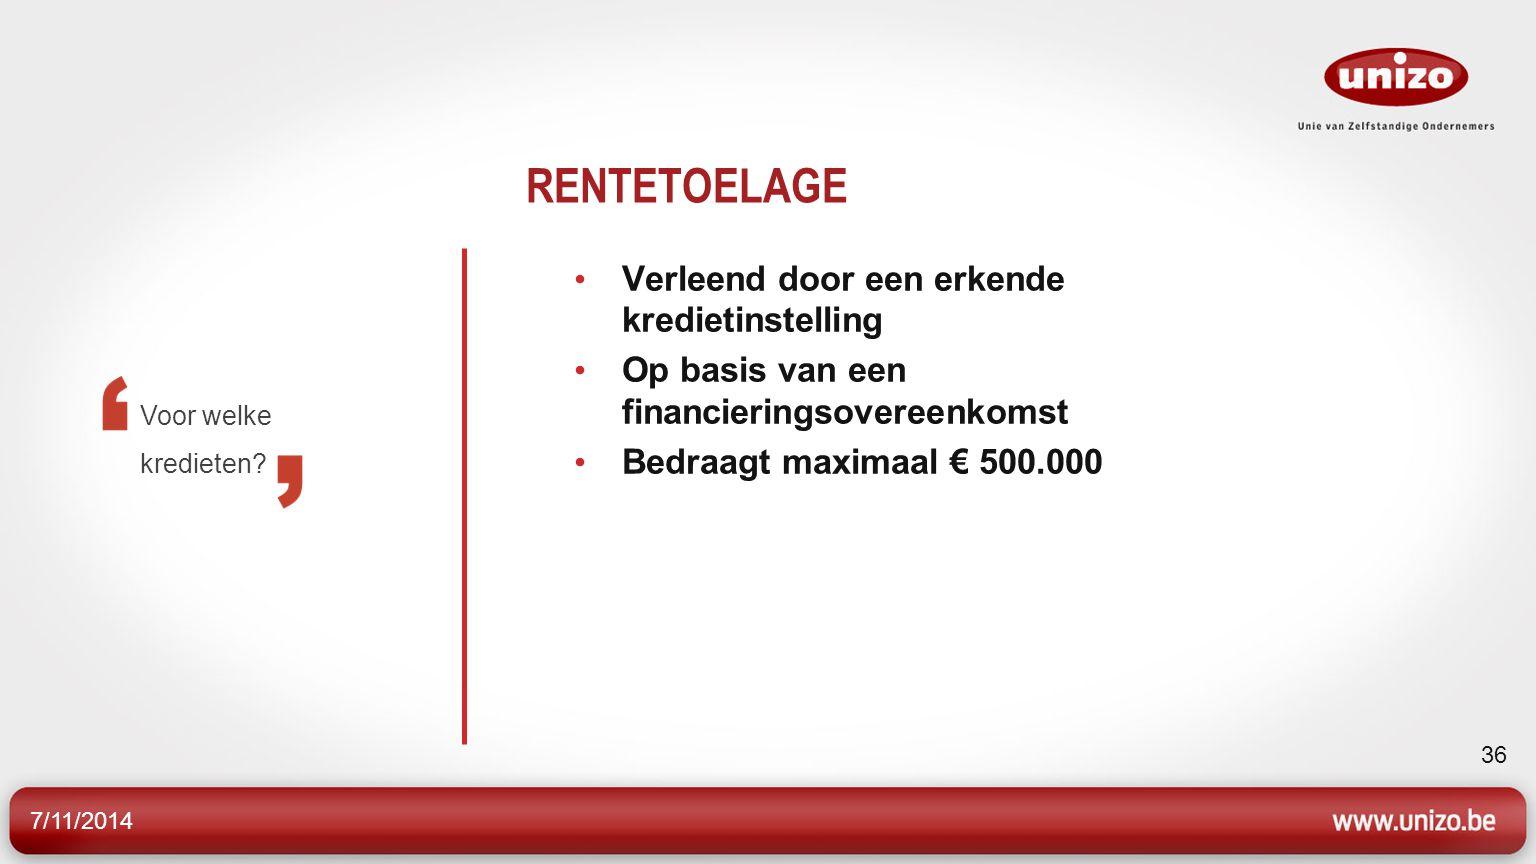 7/11/2014 36 RENTETOELAGE Verleend door een erkende kredietinstelling Op basis van een financieringsovereenkomst Bedraagt maximaal € 500.000 Voor welke kredieten?